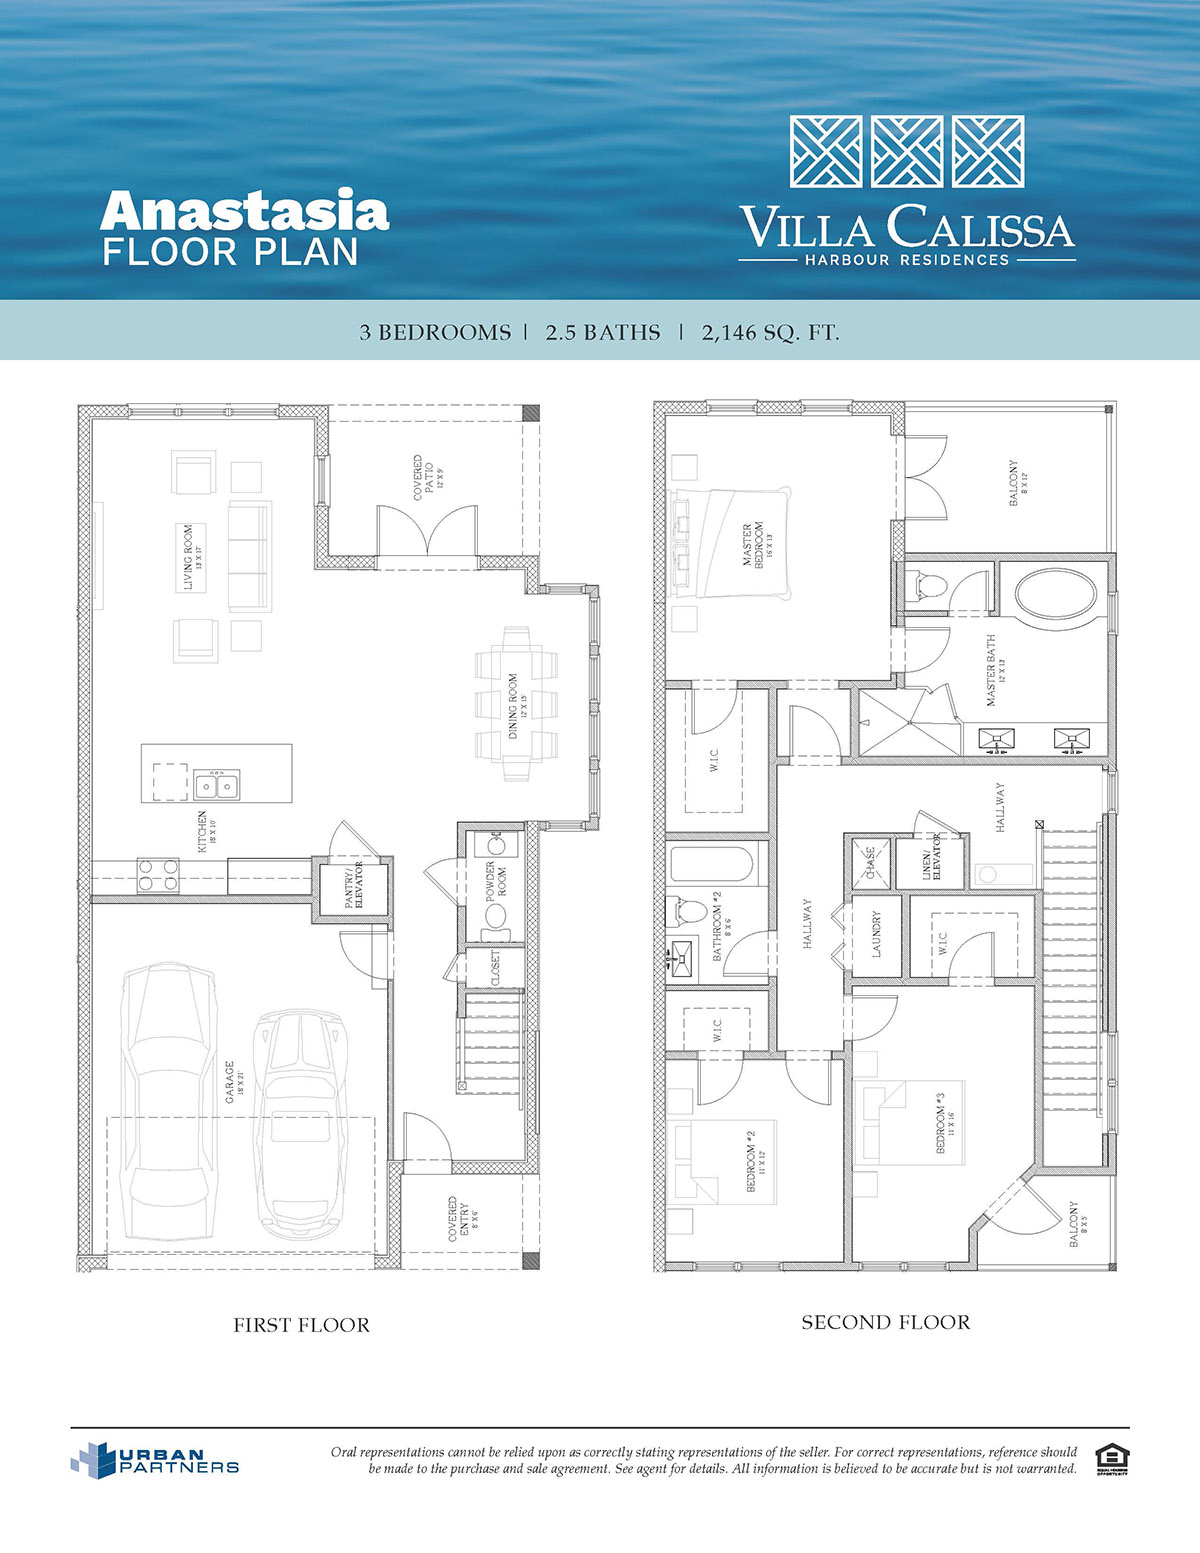 Anastasia floor plan at Villa Calissa